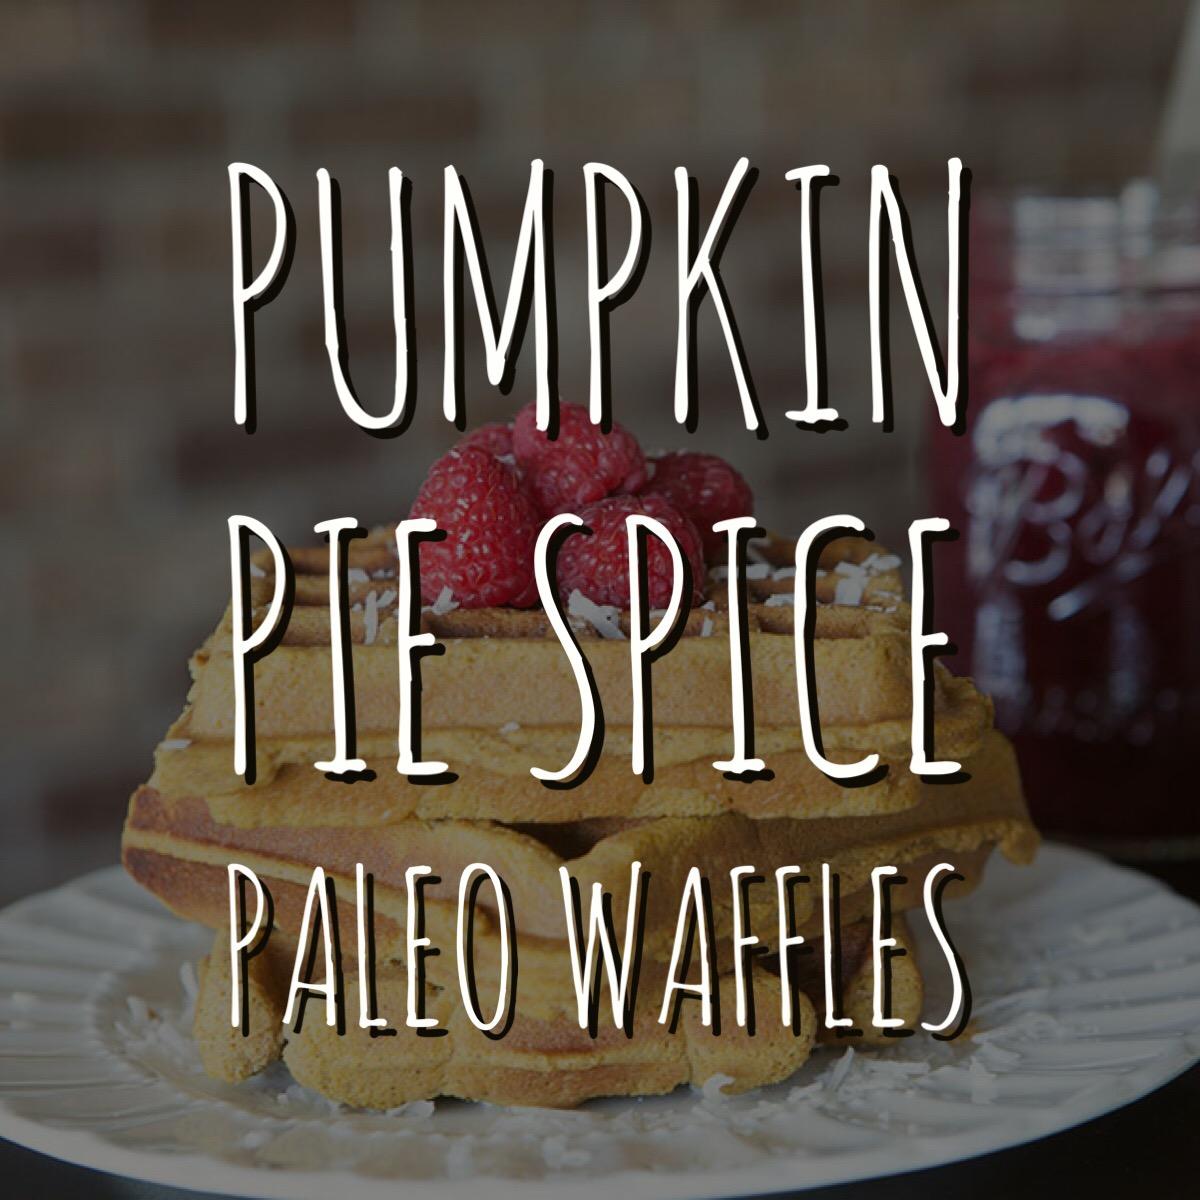 Pumpkin Pie Spice Paleo Waffles - by AmazingPaleo.com